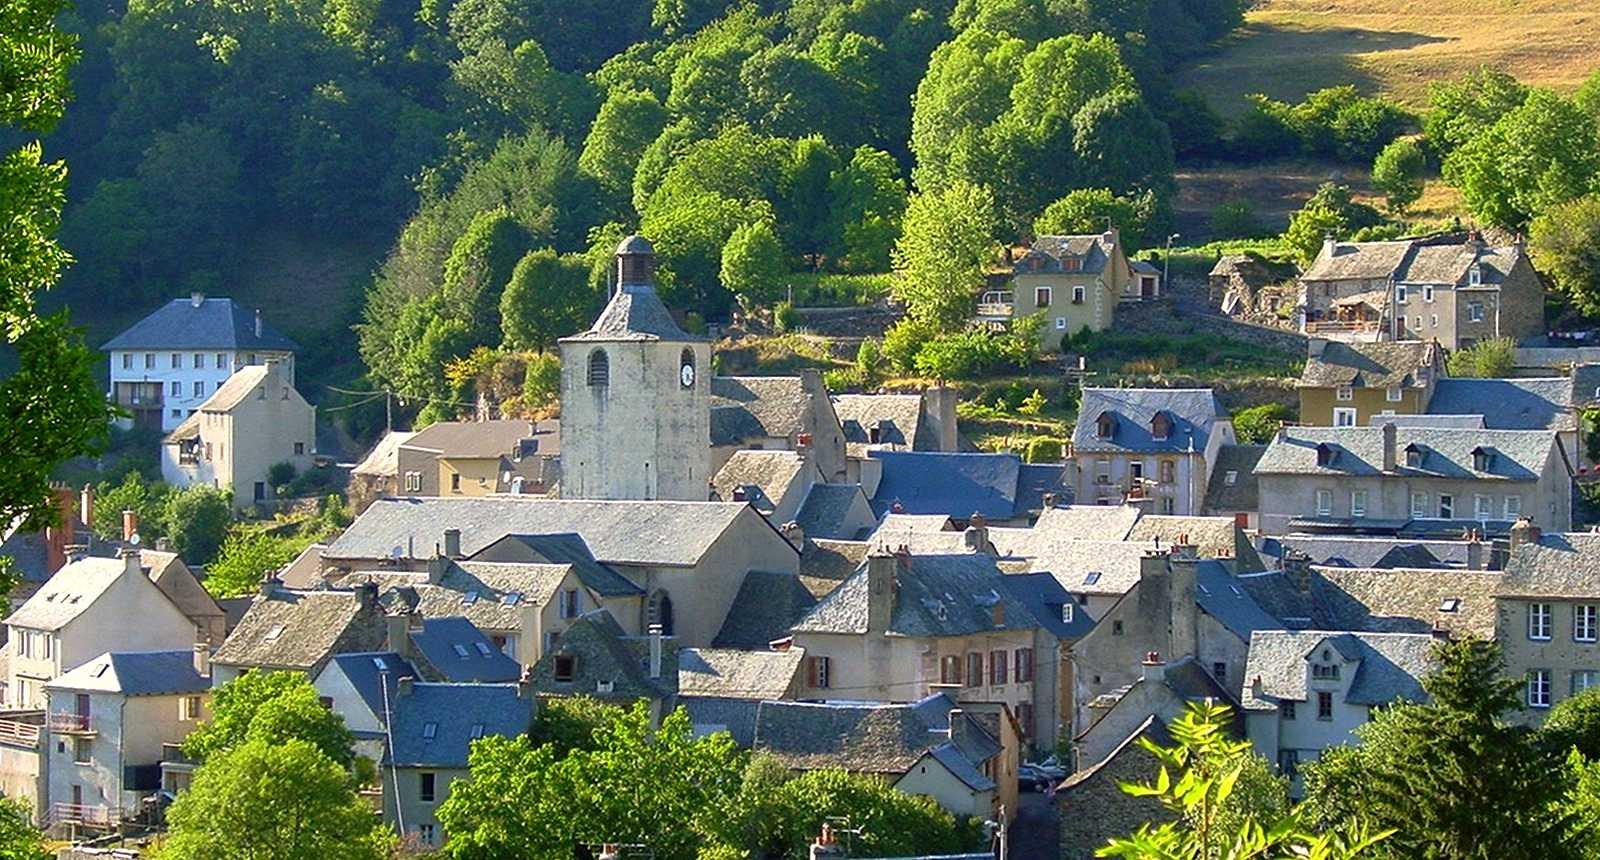 Les toits de la ville d'Estaing